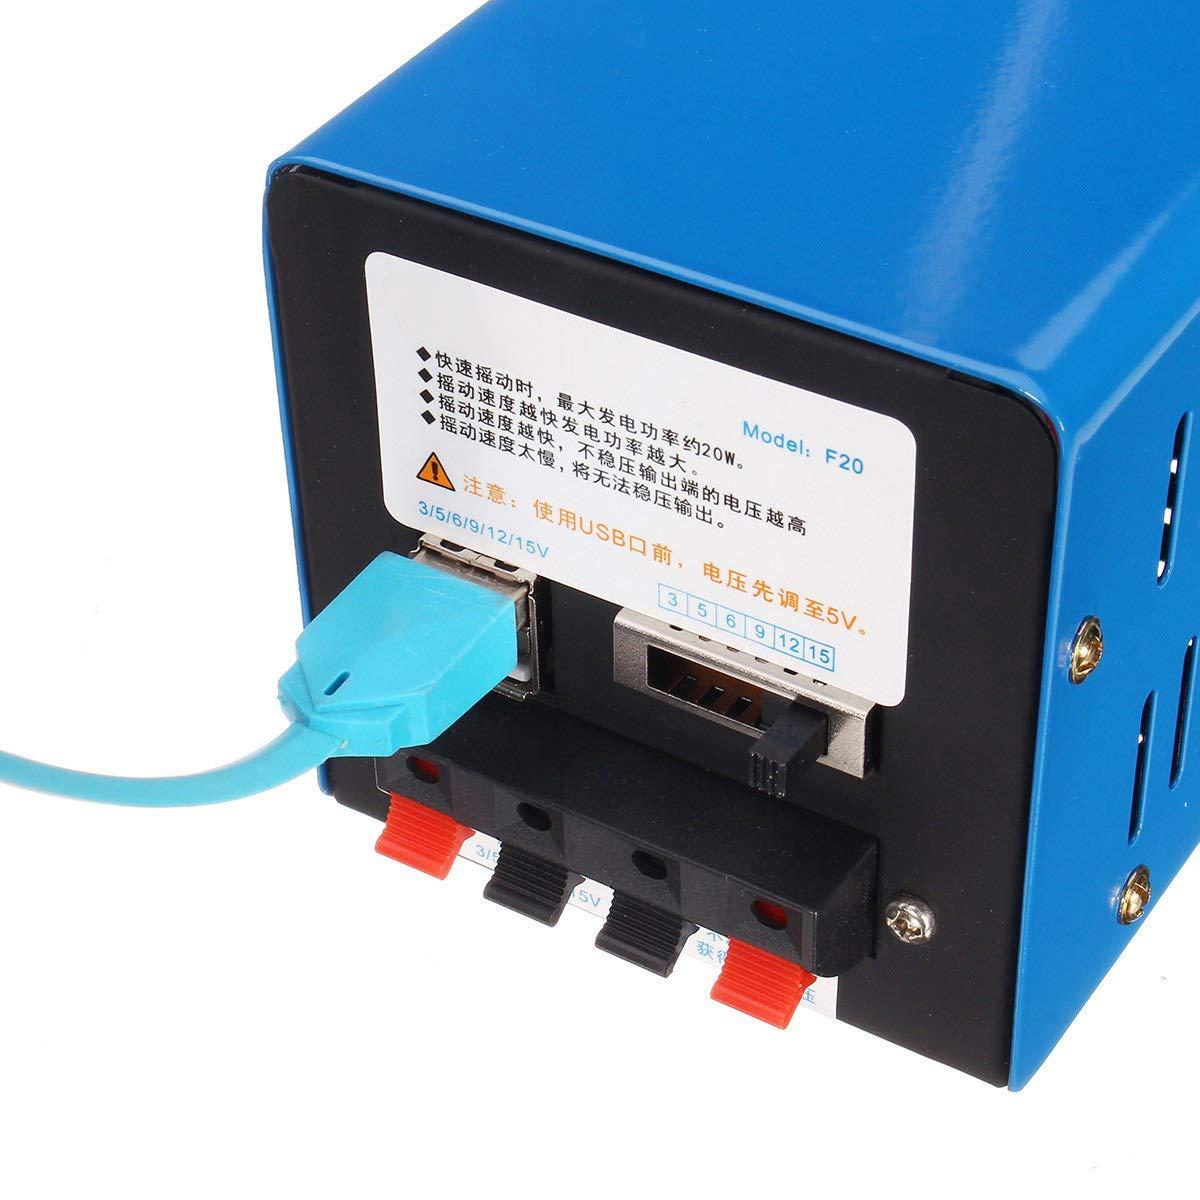 TOOGOO Generador de Manivela de Mano de Emergencia de Alta Potencia Cargador de Mano Port/átil de Emergencia Manivela de Carga USB